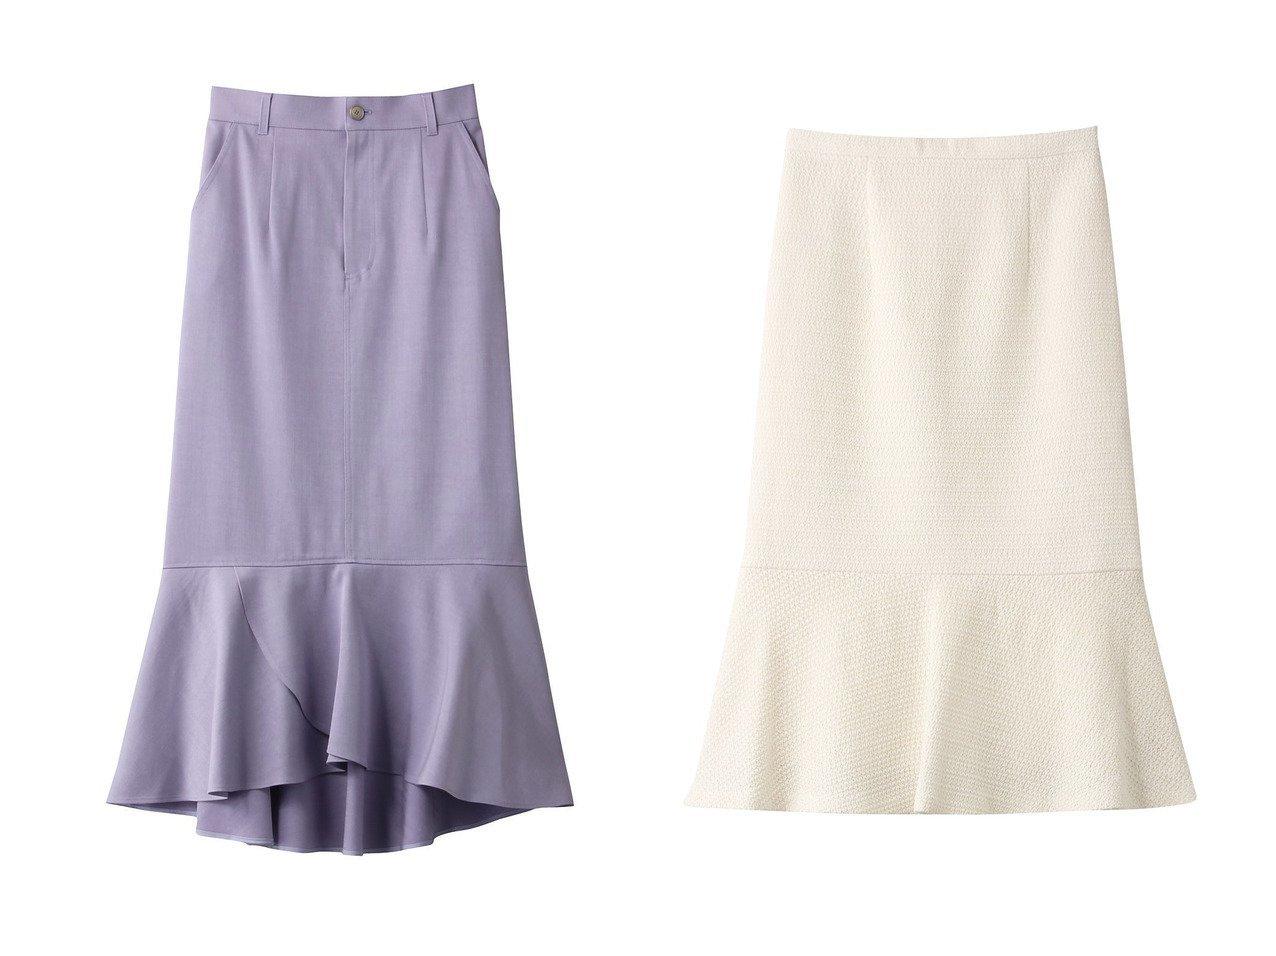 【allureville/アルアバイル】の【Loulou Willoughby】デニムロングペプラムスカート&【Loulou Willoughby】カラミツイードマーメイドスカート スカートのおすすめ!人気、トレンド・レディースファッションの通販  おすすめで人気の流行・トレンド、ファッションの通販商品 メンズファッション・キッズファッション・インテリア・家具・レディースファッション・服の通販 founy(ファニー) https://founy.com/ ファッション Fashion レディースファッション WOMEN スカート Skirt デニム ヘムライン ロング 再入荷 Restock/Back in Stock/Re Arrival オケージョン ツイード |ID:crp329100000009774